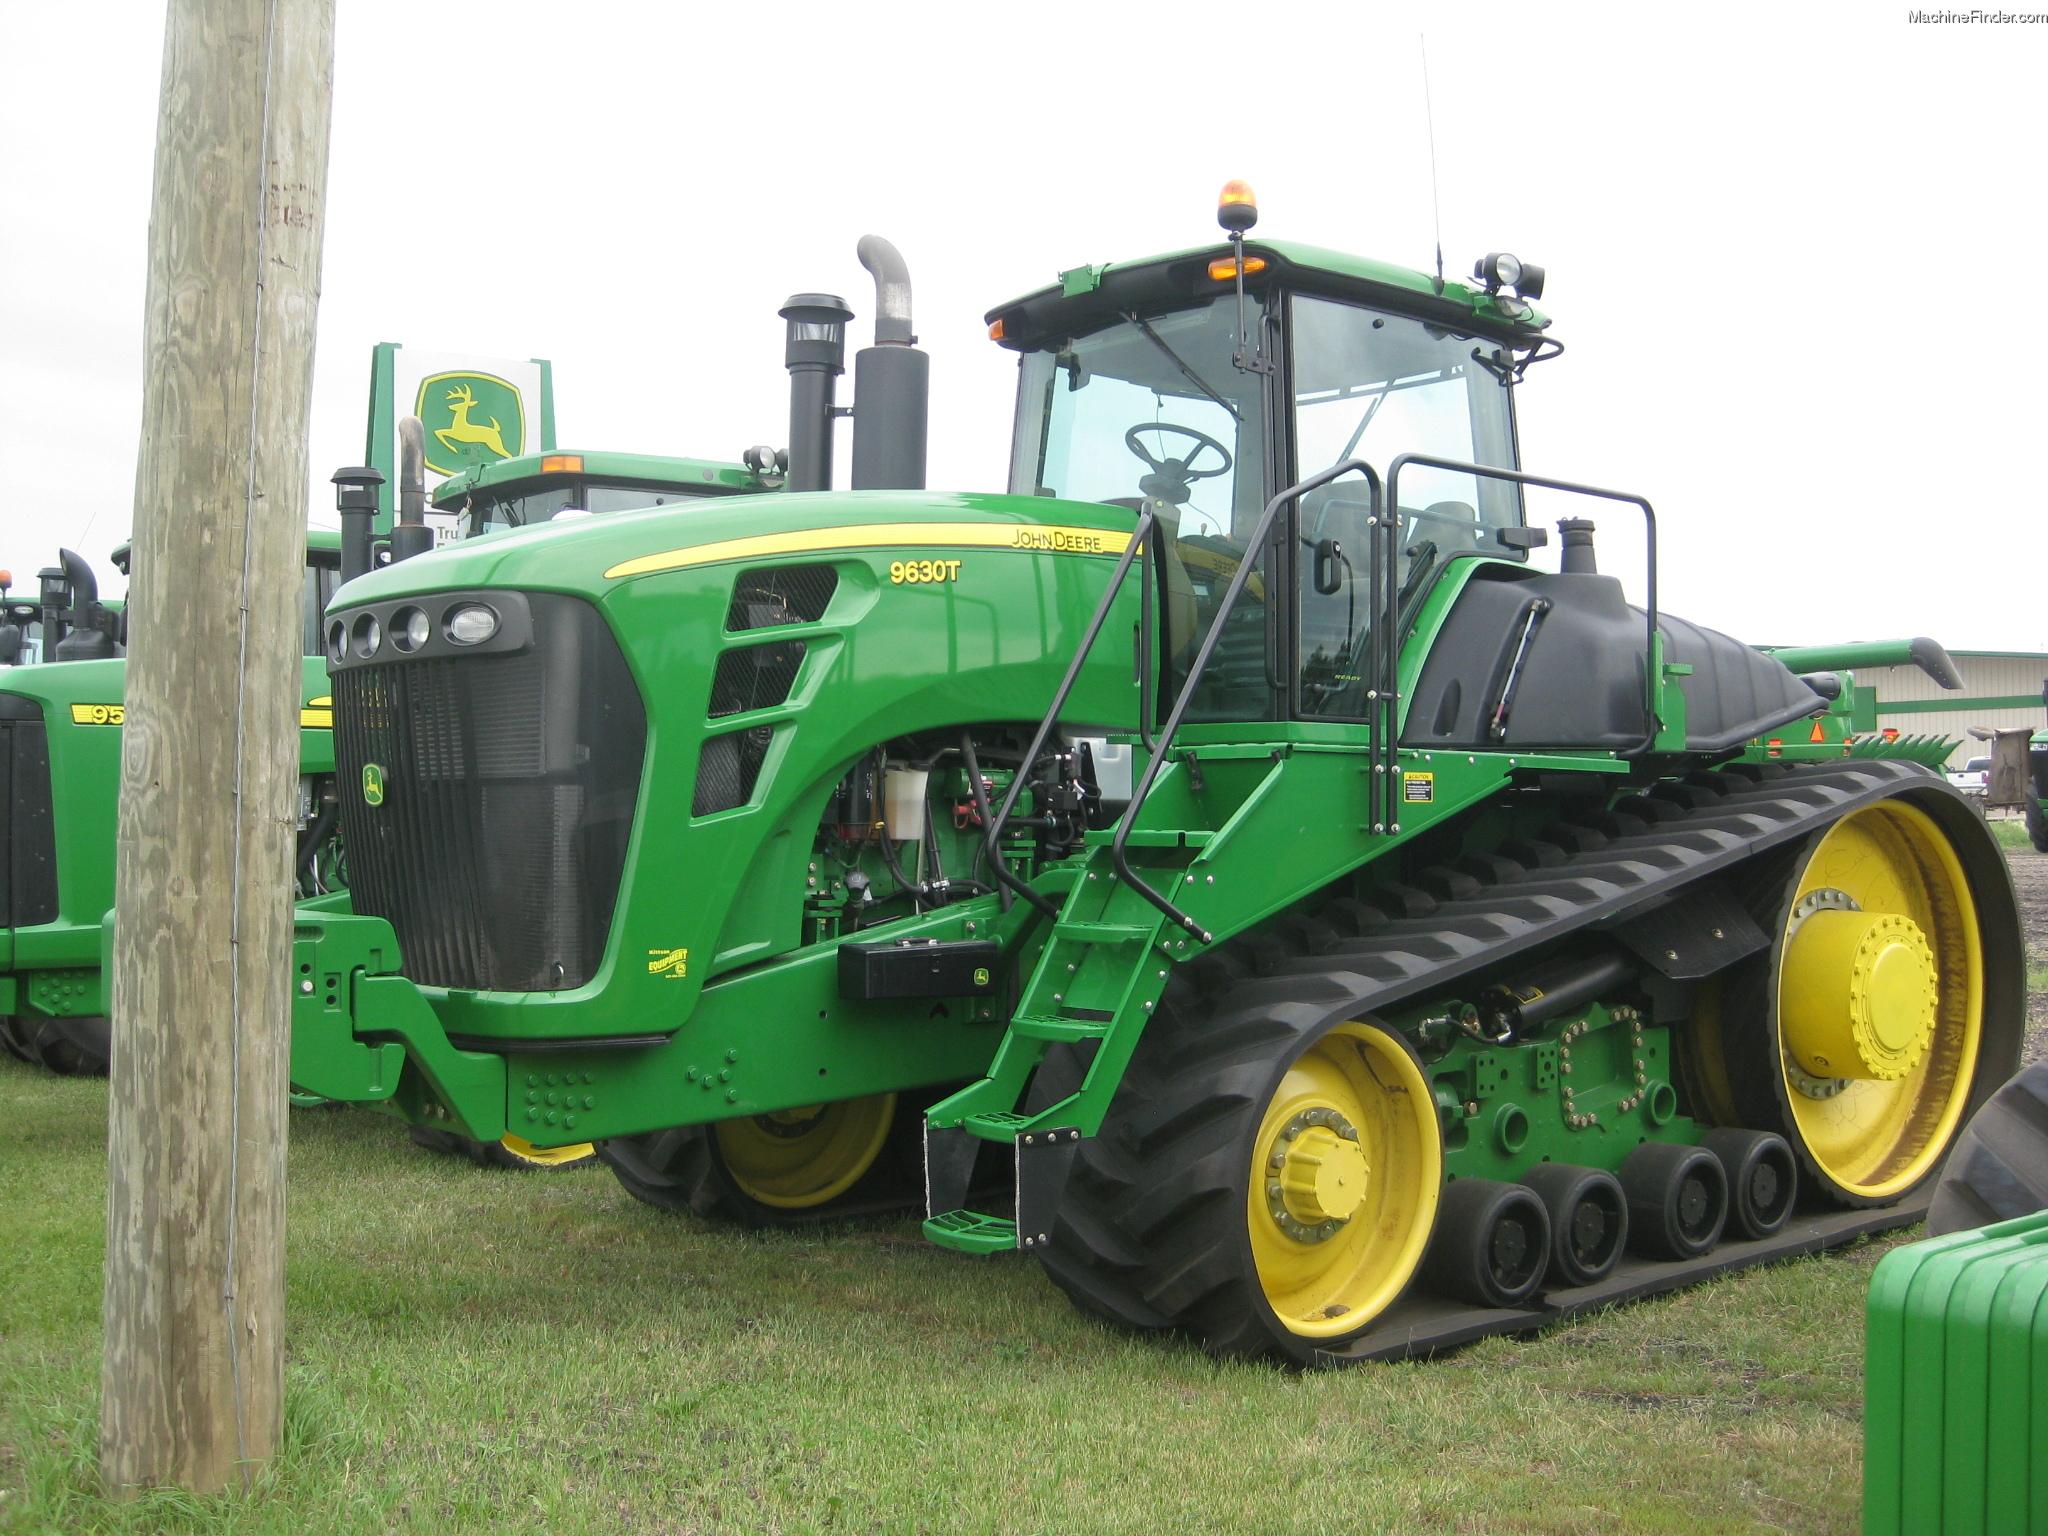 2010 John Deere 9630T Tractors - Articulated 4WD - John ...